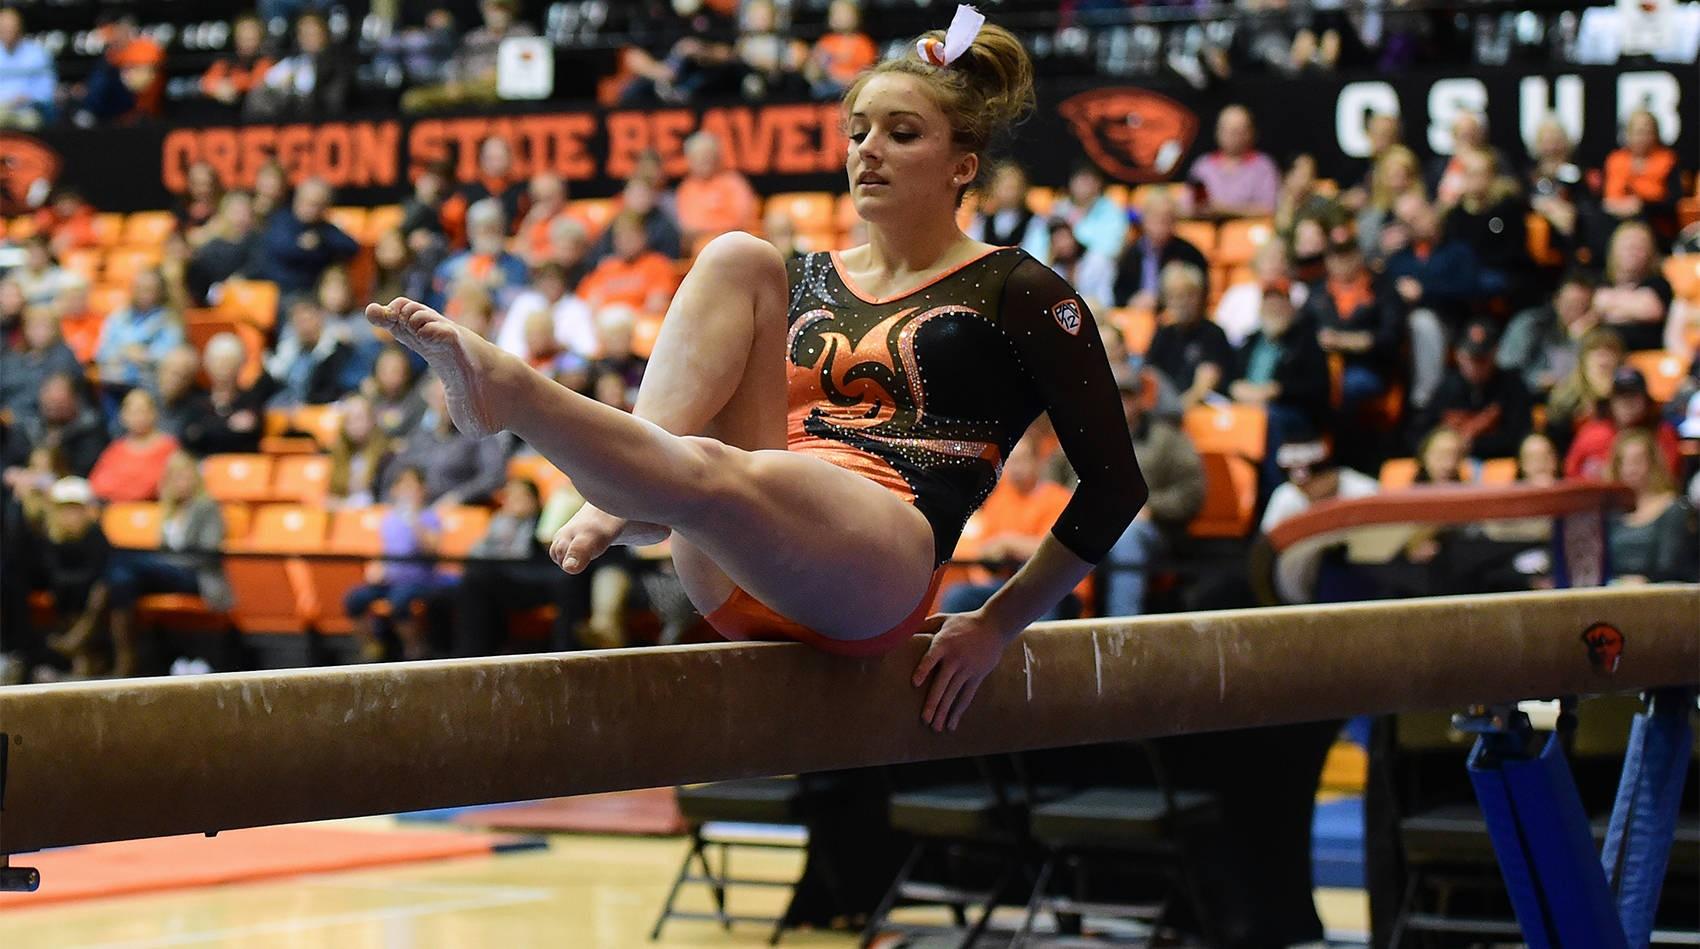 2012 kansas state gymnastics meet